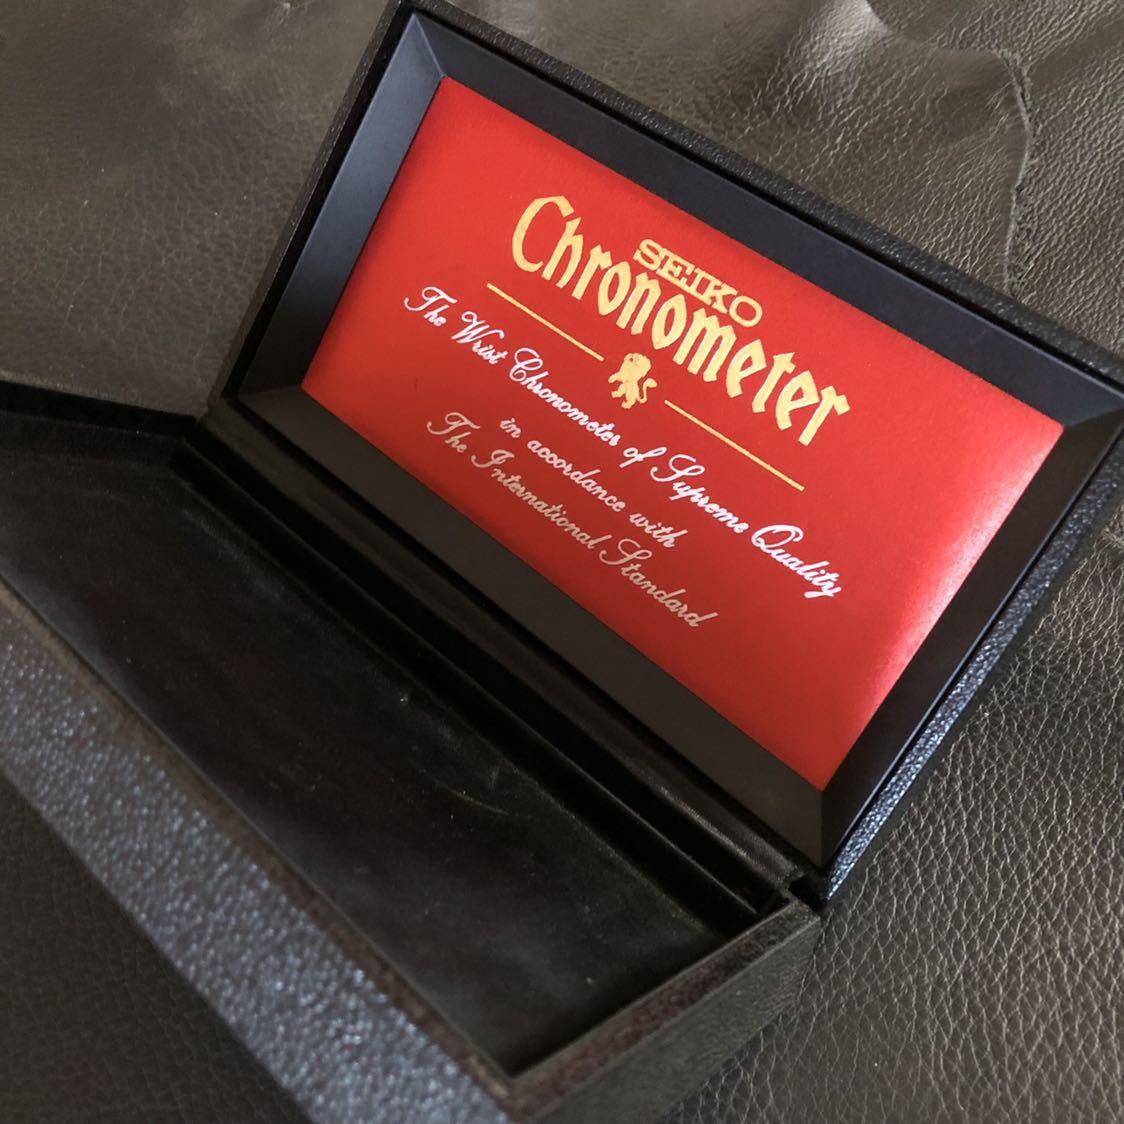 美品 SEIKO クロノメーター専用 腕時計化粧箱 当時物オリジナル品(外箱、敷地シート無し)_画像3